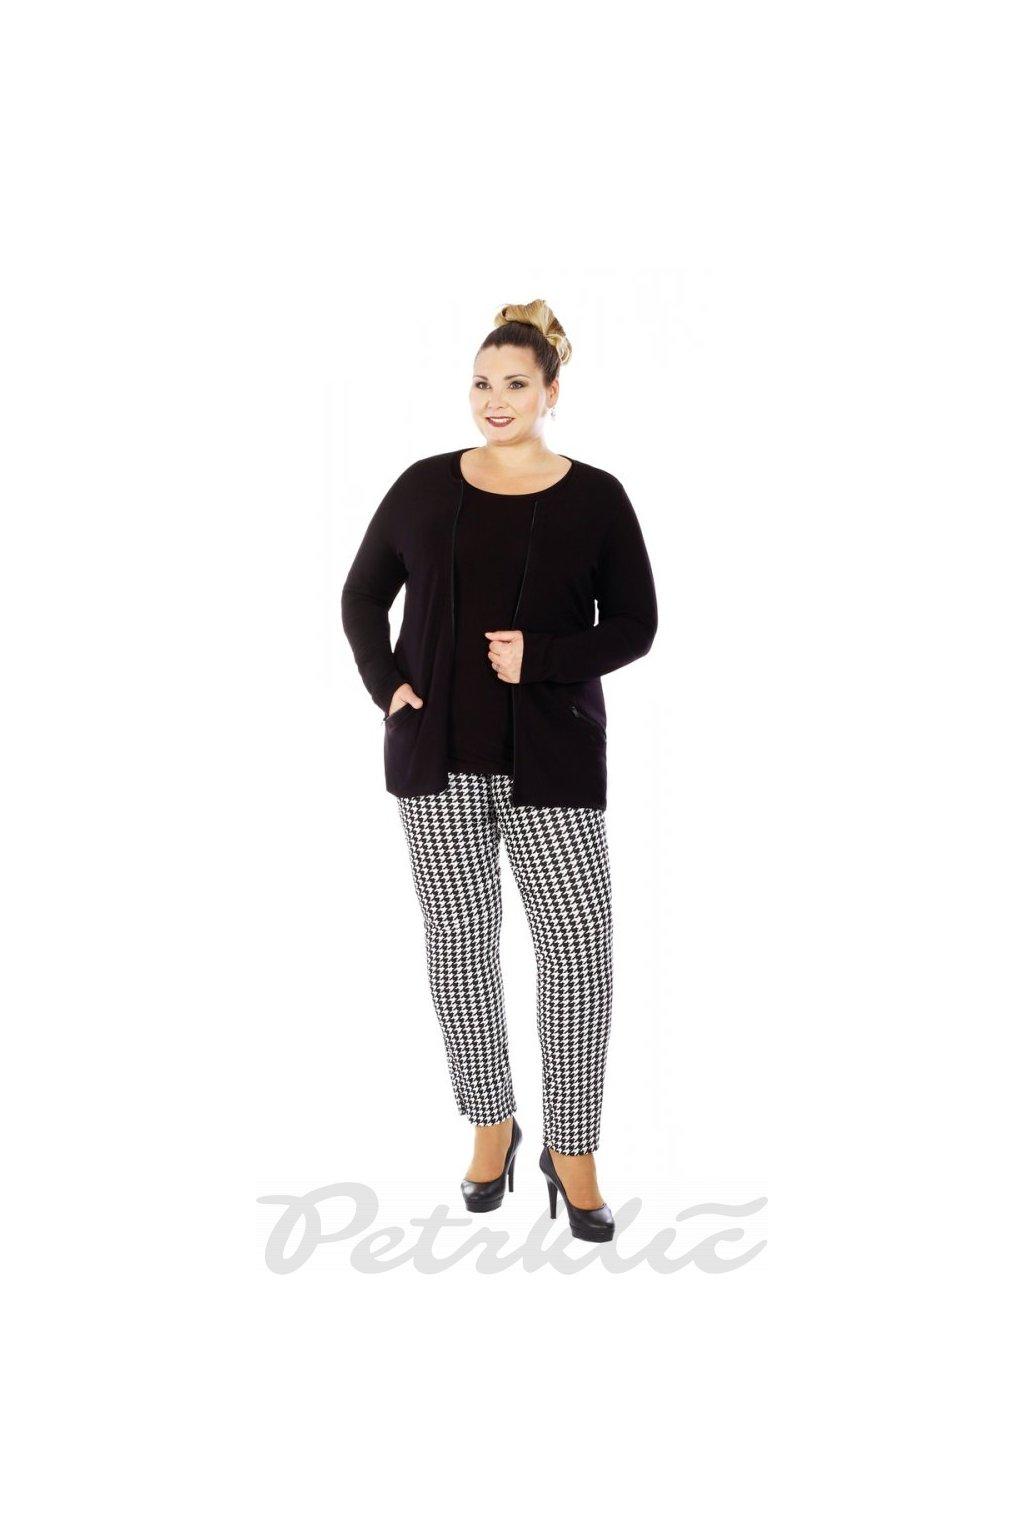 LENKA - kalhoty pepito 71 - 72 cm